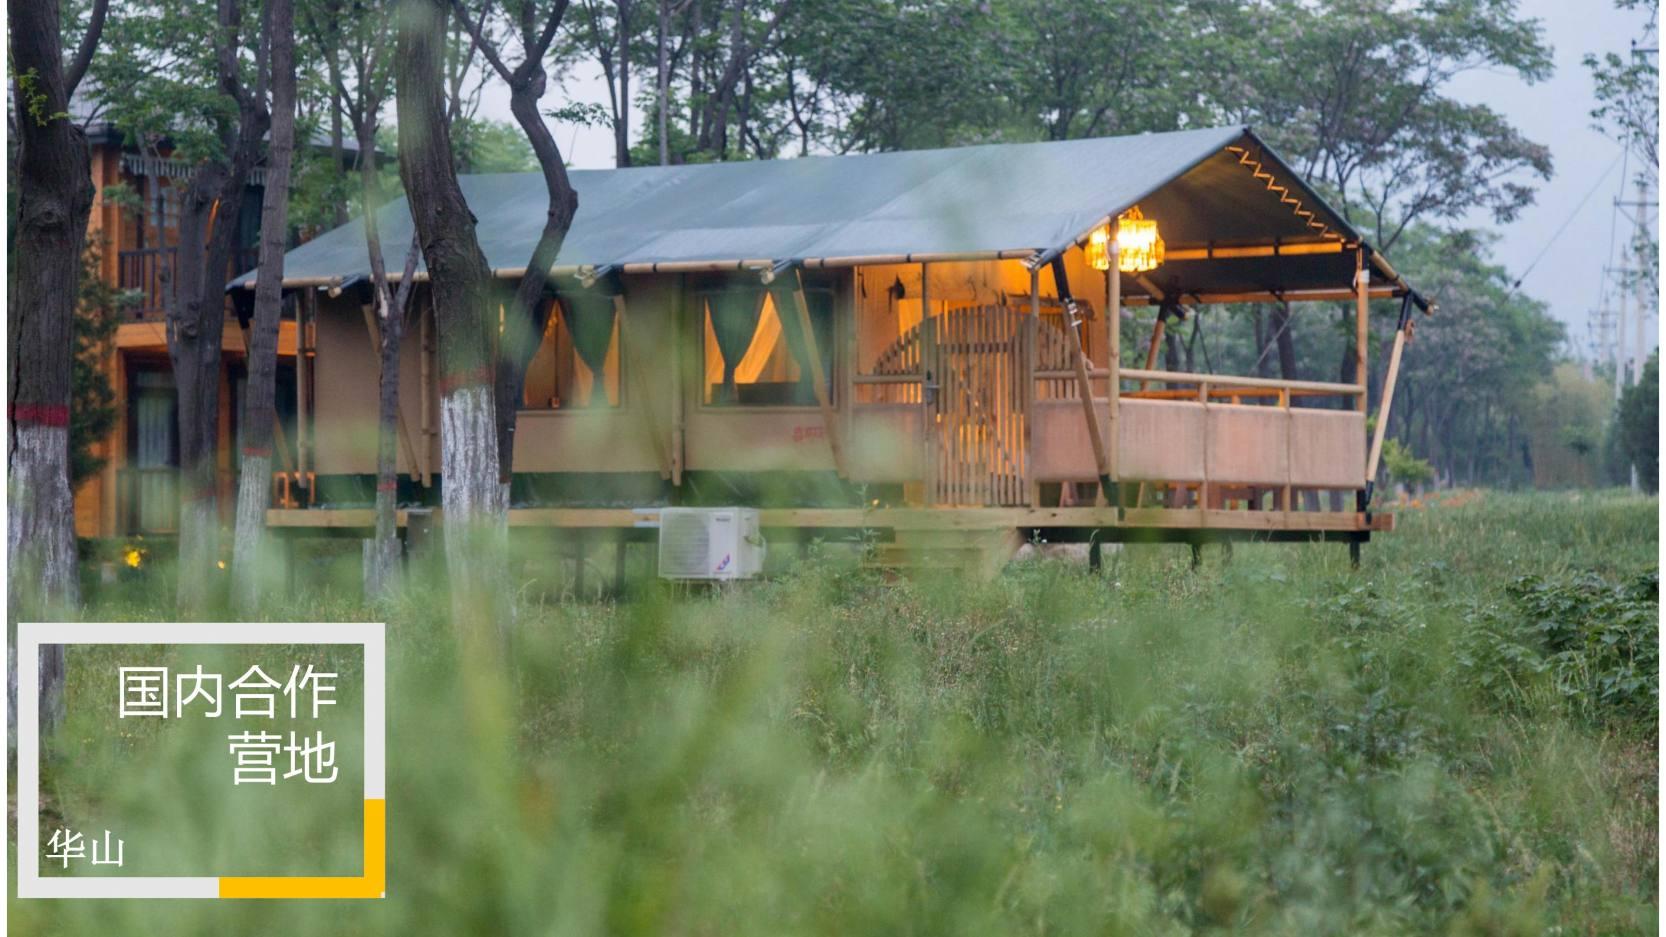 喜马拉雅野奢帐篷 (32)